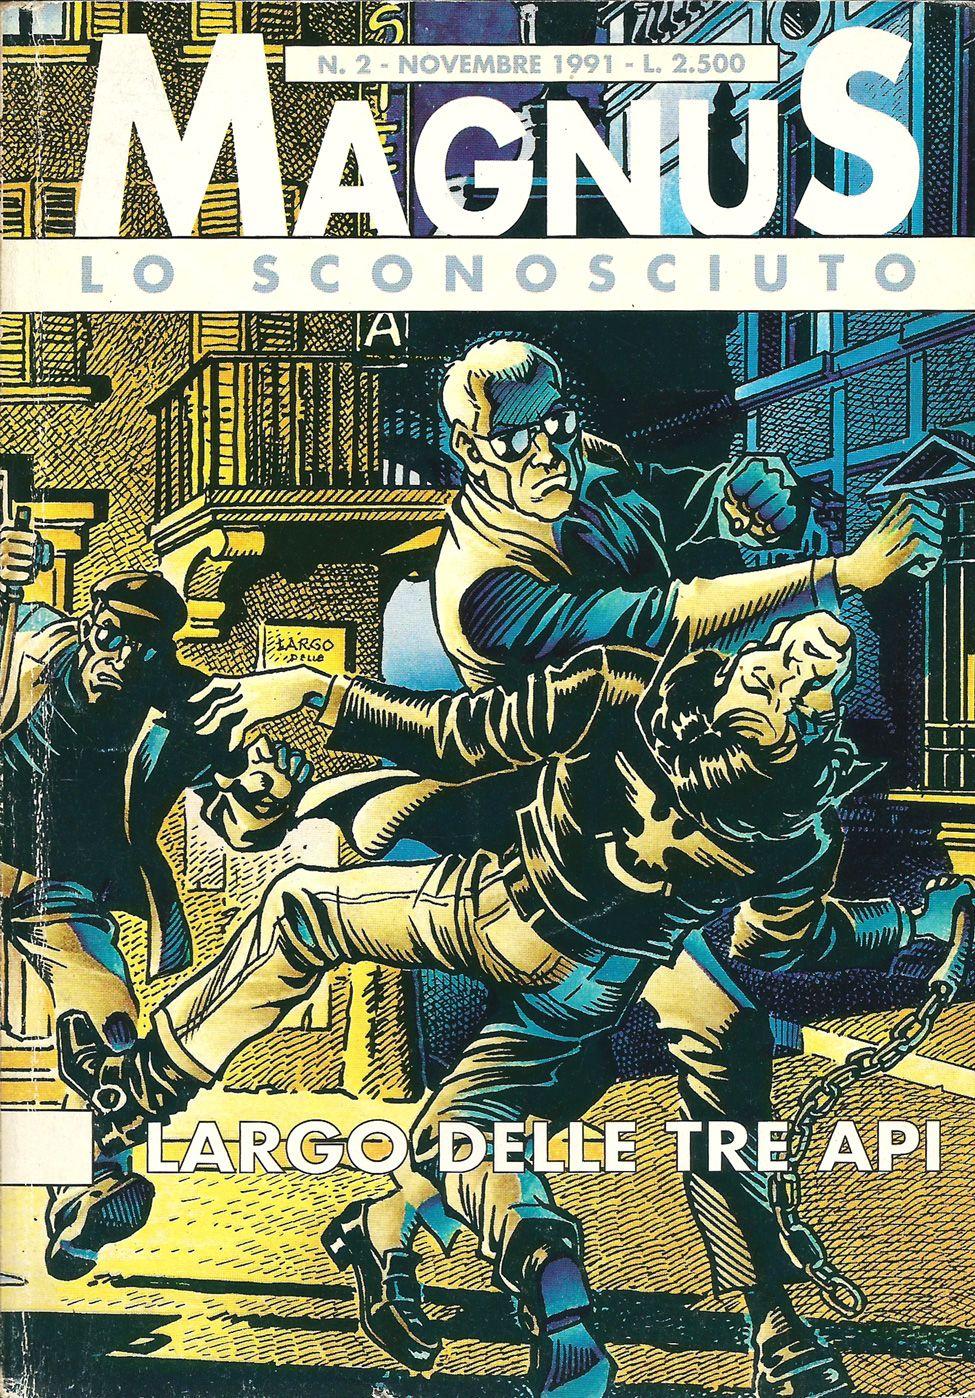 Alan ford gruppo t n t ubc enciclopedia online del fumetto - Lo Sconosciuto N 2 Largo Delle Tre Api Di Magnus Roberto